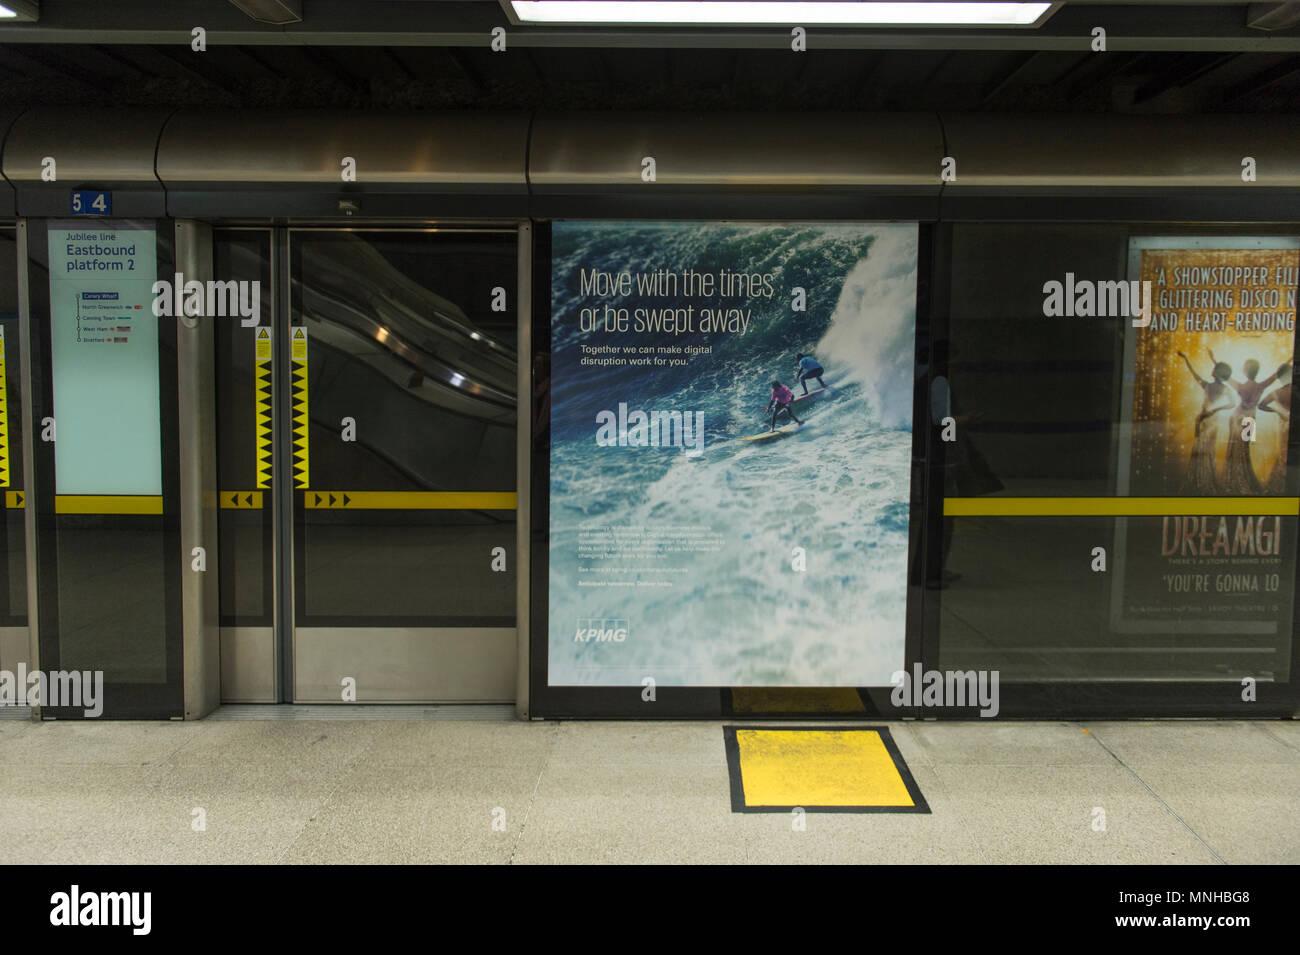 Canary Wharf, London, UK. 17 mai, 2018. Jubilee Line station à Canary Wharf est bordée de publicité cabinet comptable. EY, KPMG, Deloitte et PwC ont fait des plans pour briser leurs activités au Royaume-Uni, en partie à cause de l'échec de Carillion. Les entreprises peut être contraint de se séparer de leur vérification et d'expertise-conseil. Credit: Malcolm Park/Alamy Live News. Photo Stock